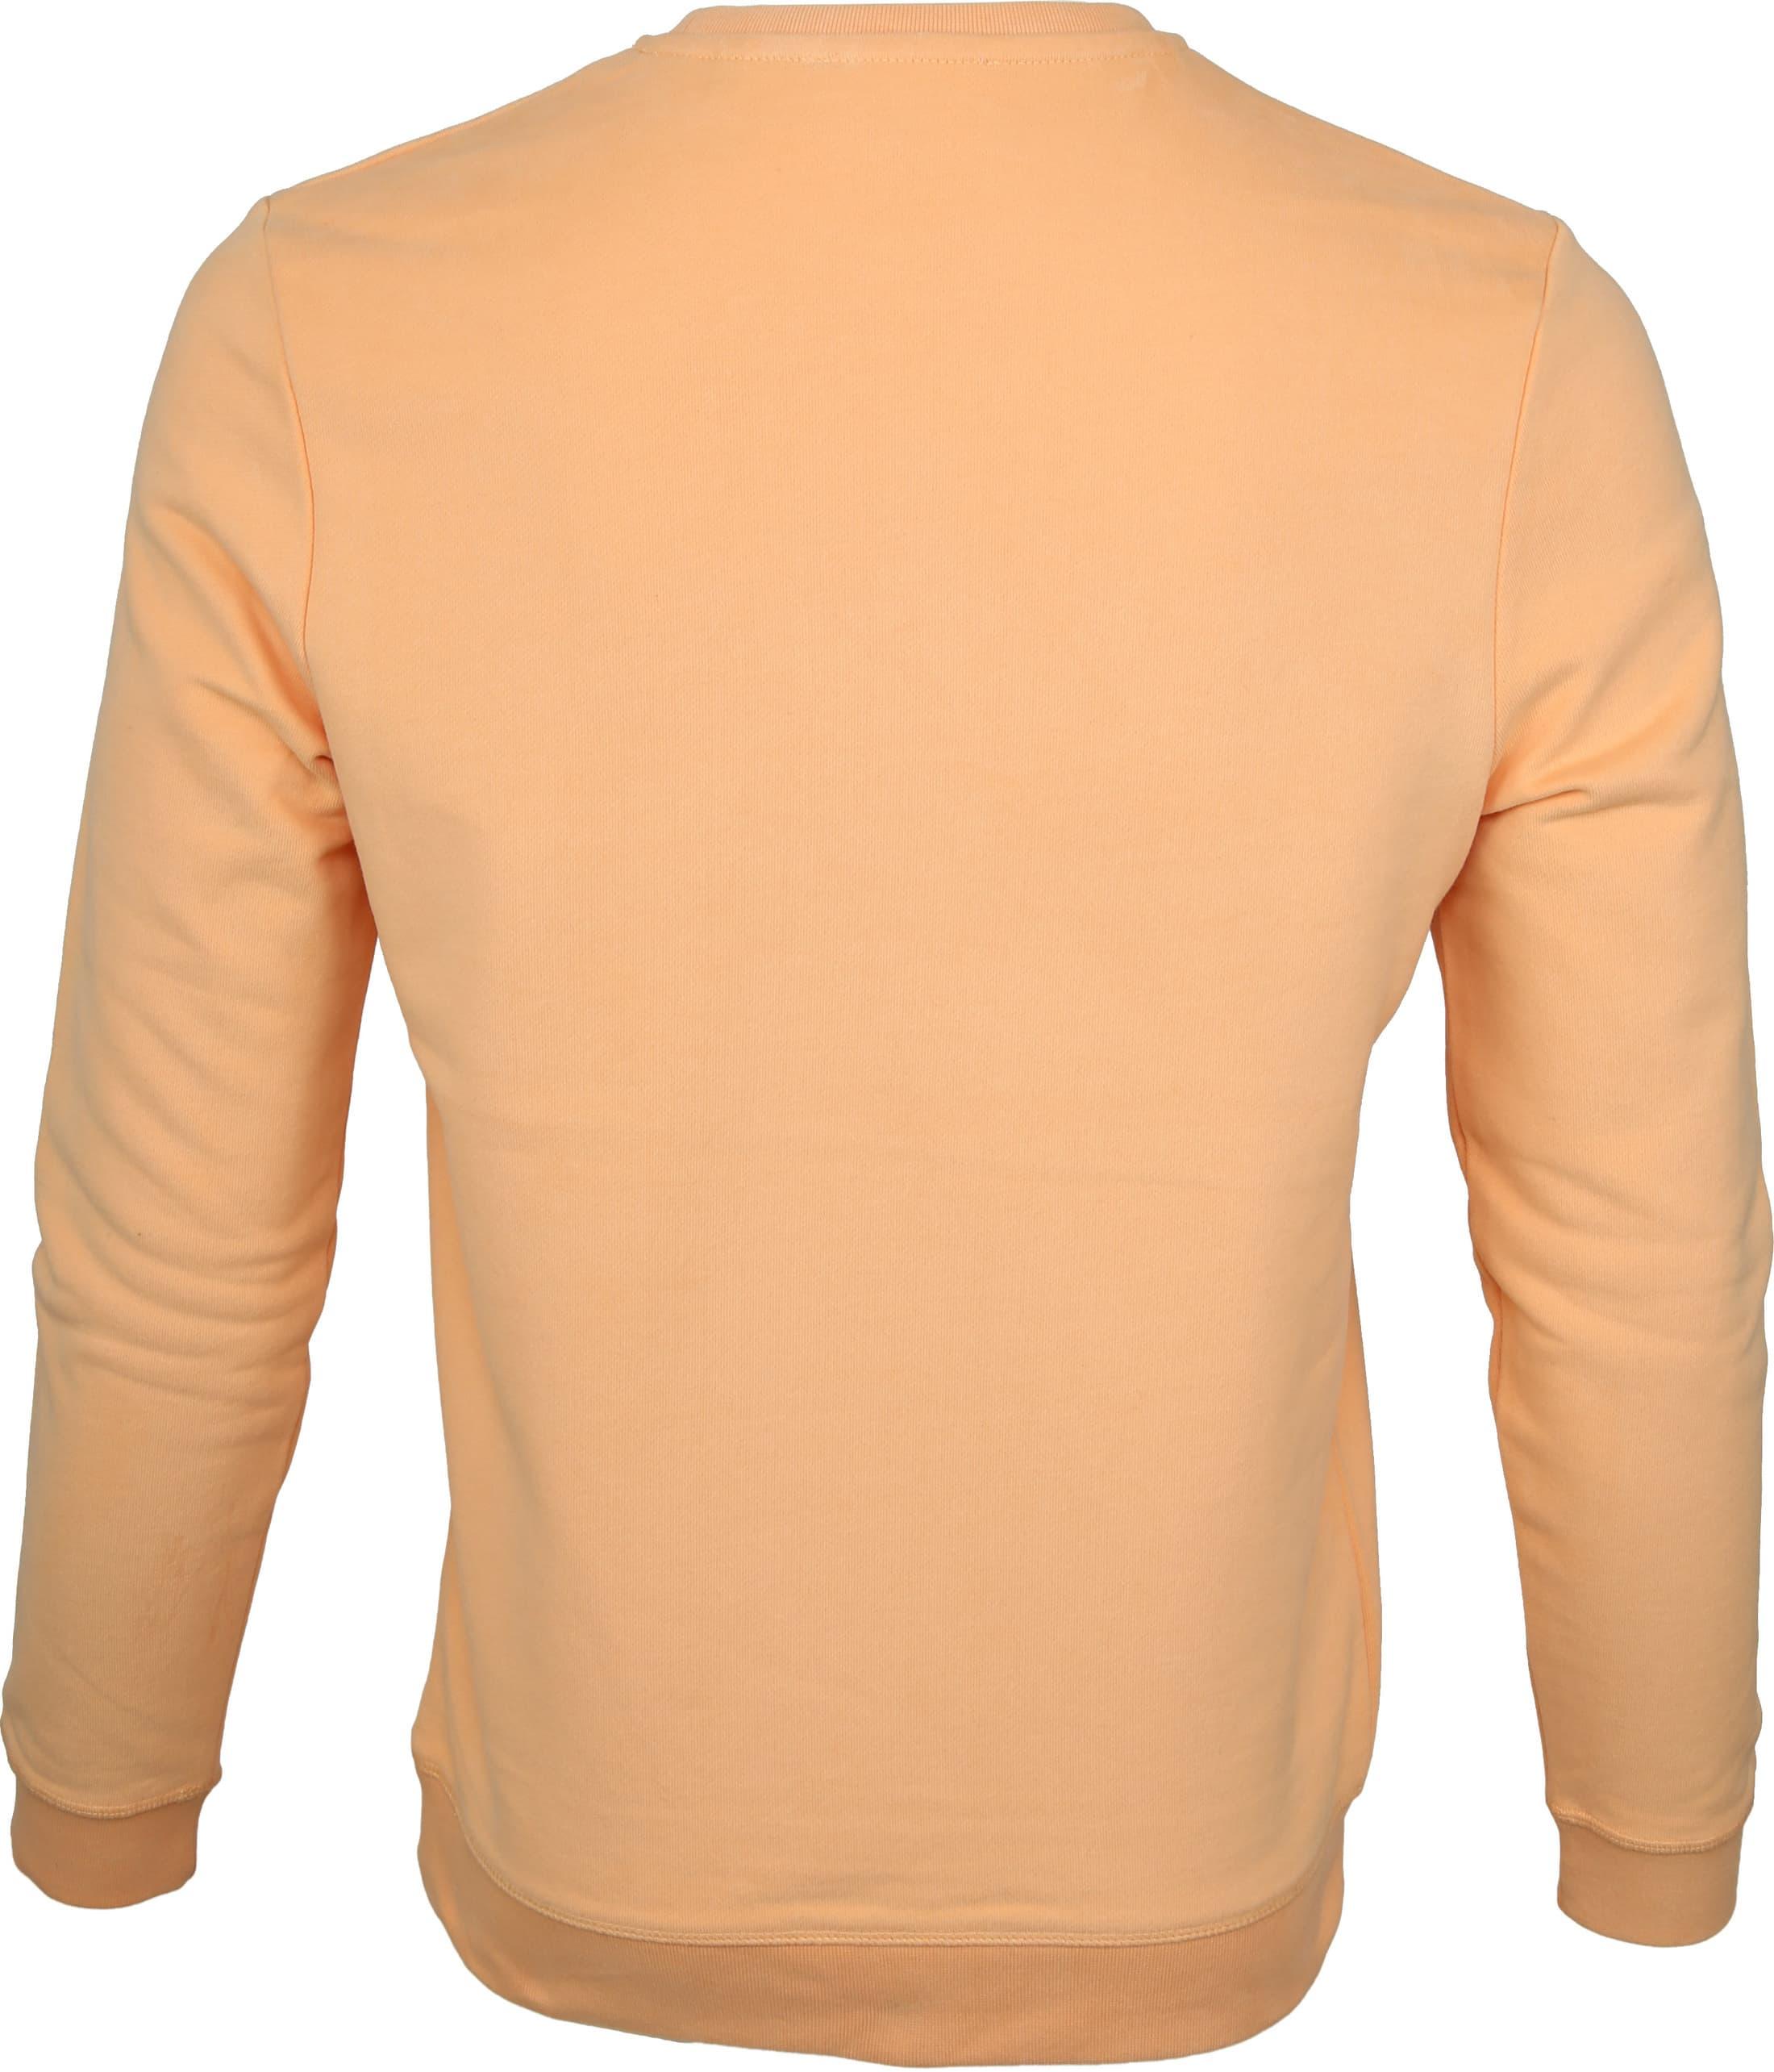 New In Town Sweater Oranje foto 3